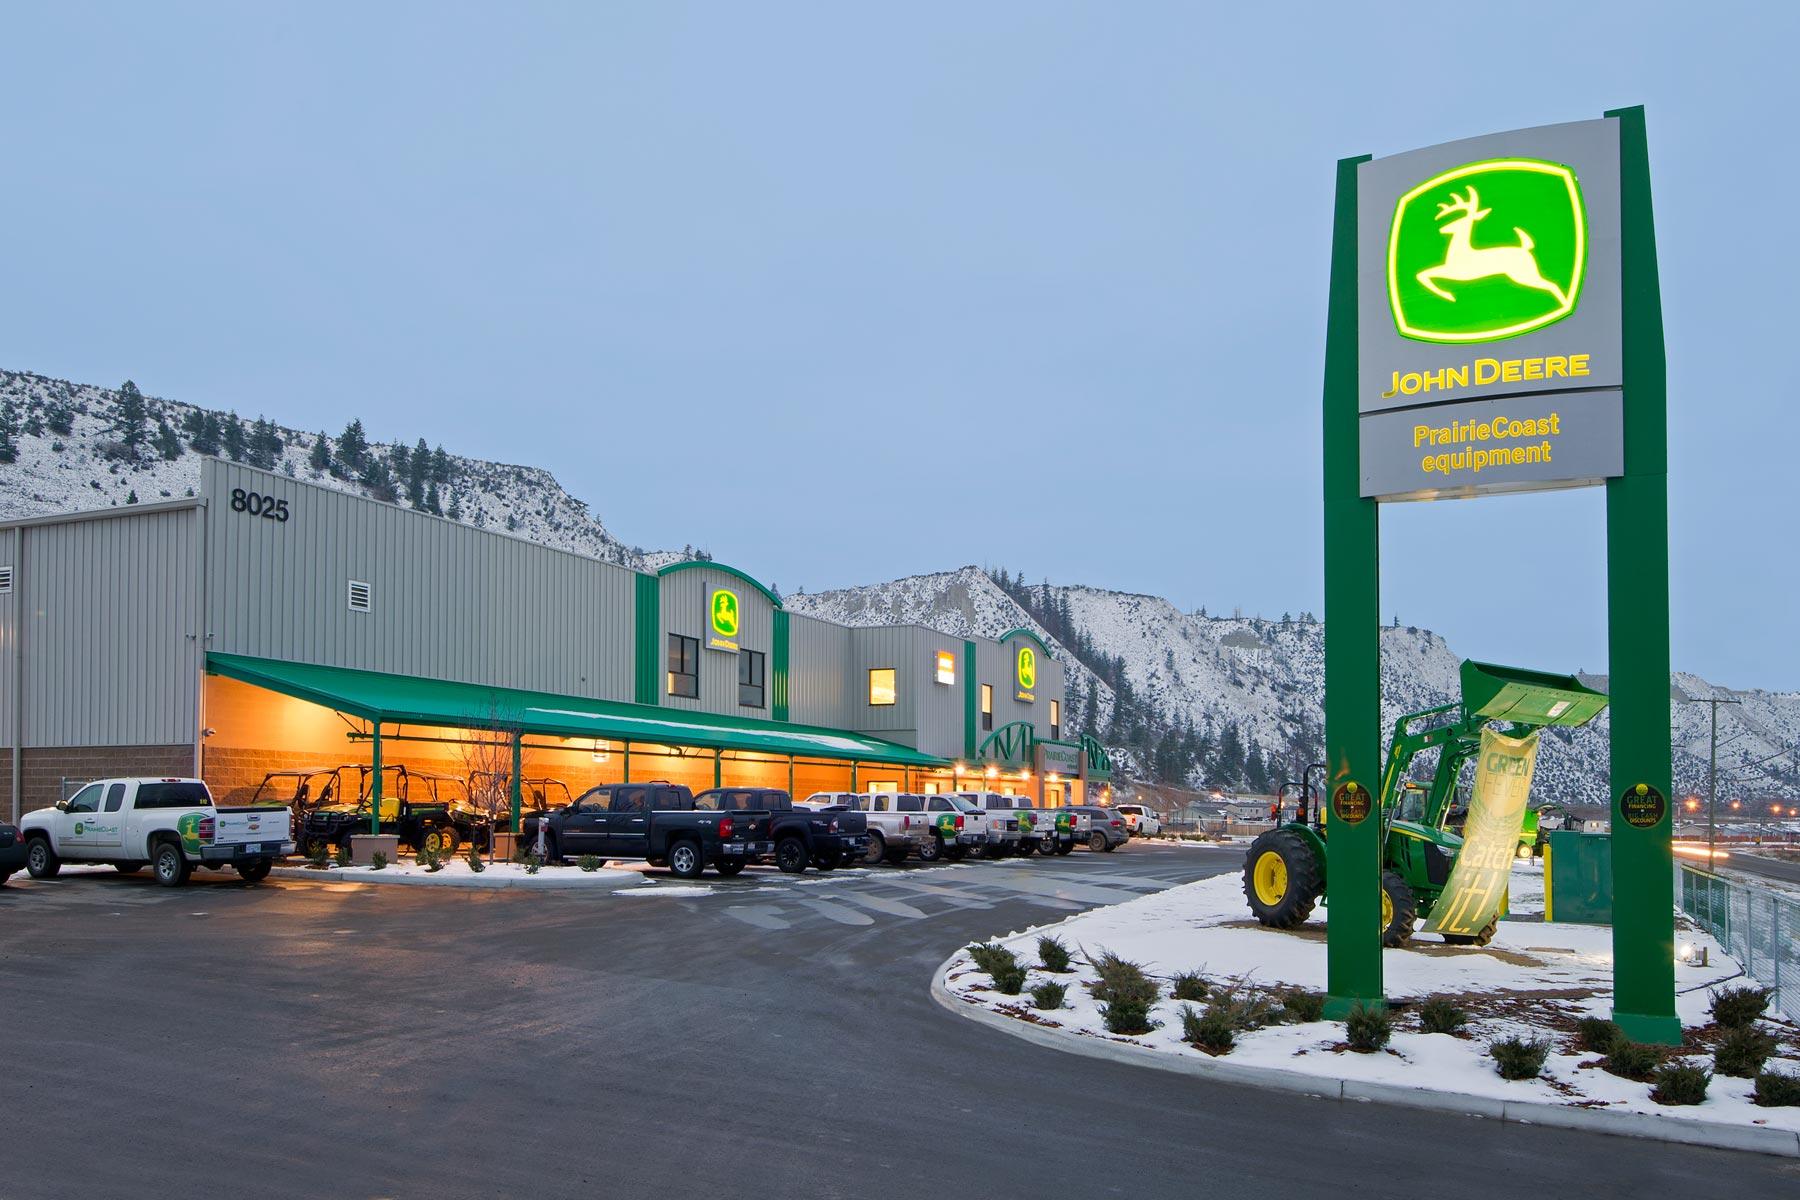 Prairie Coast Equipment Kamloops Metal Building Group